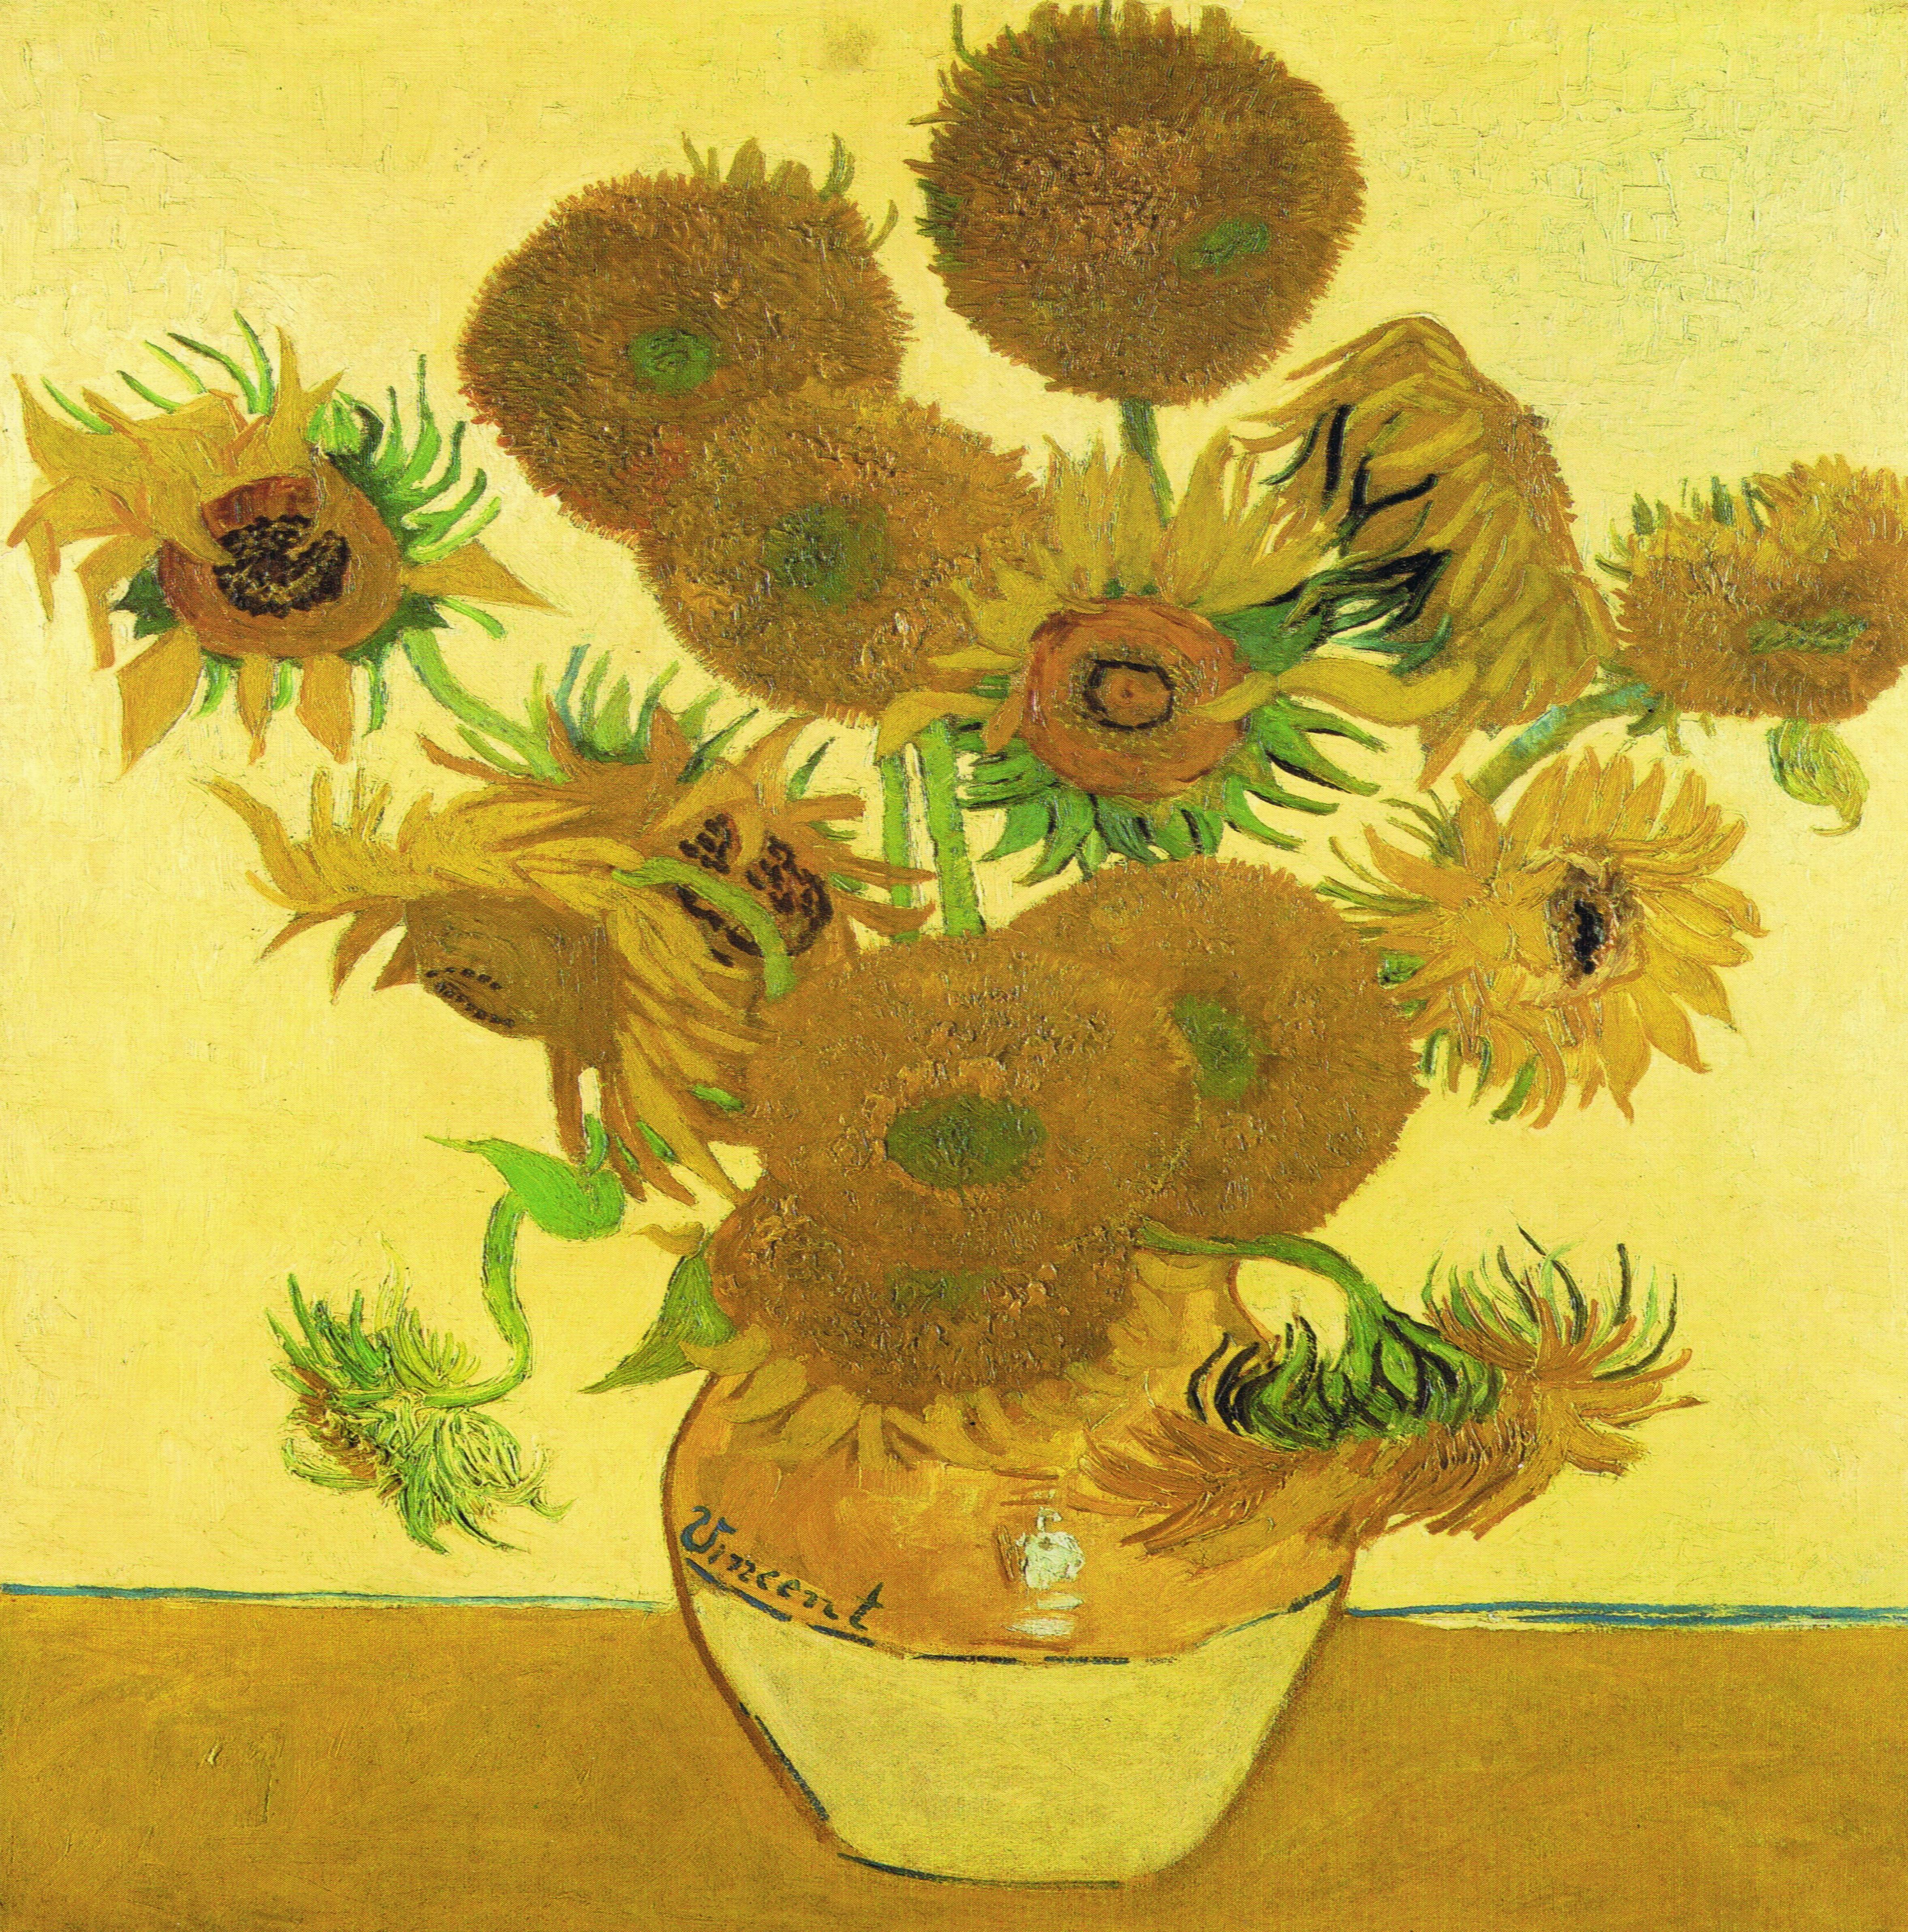 Les Tournesols est l'une des toiles avec le plus de jaune